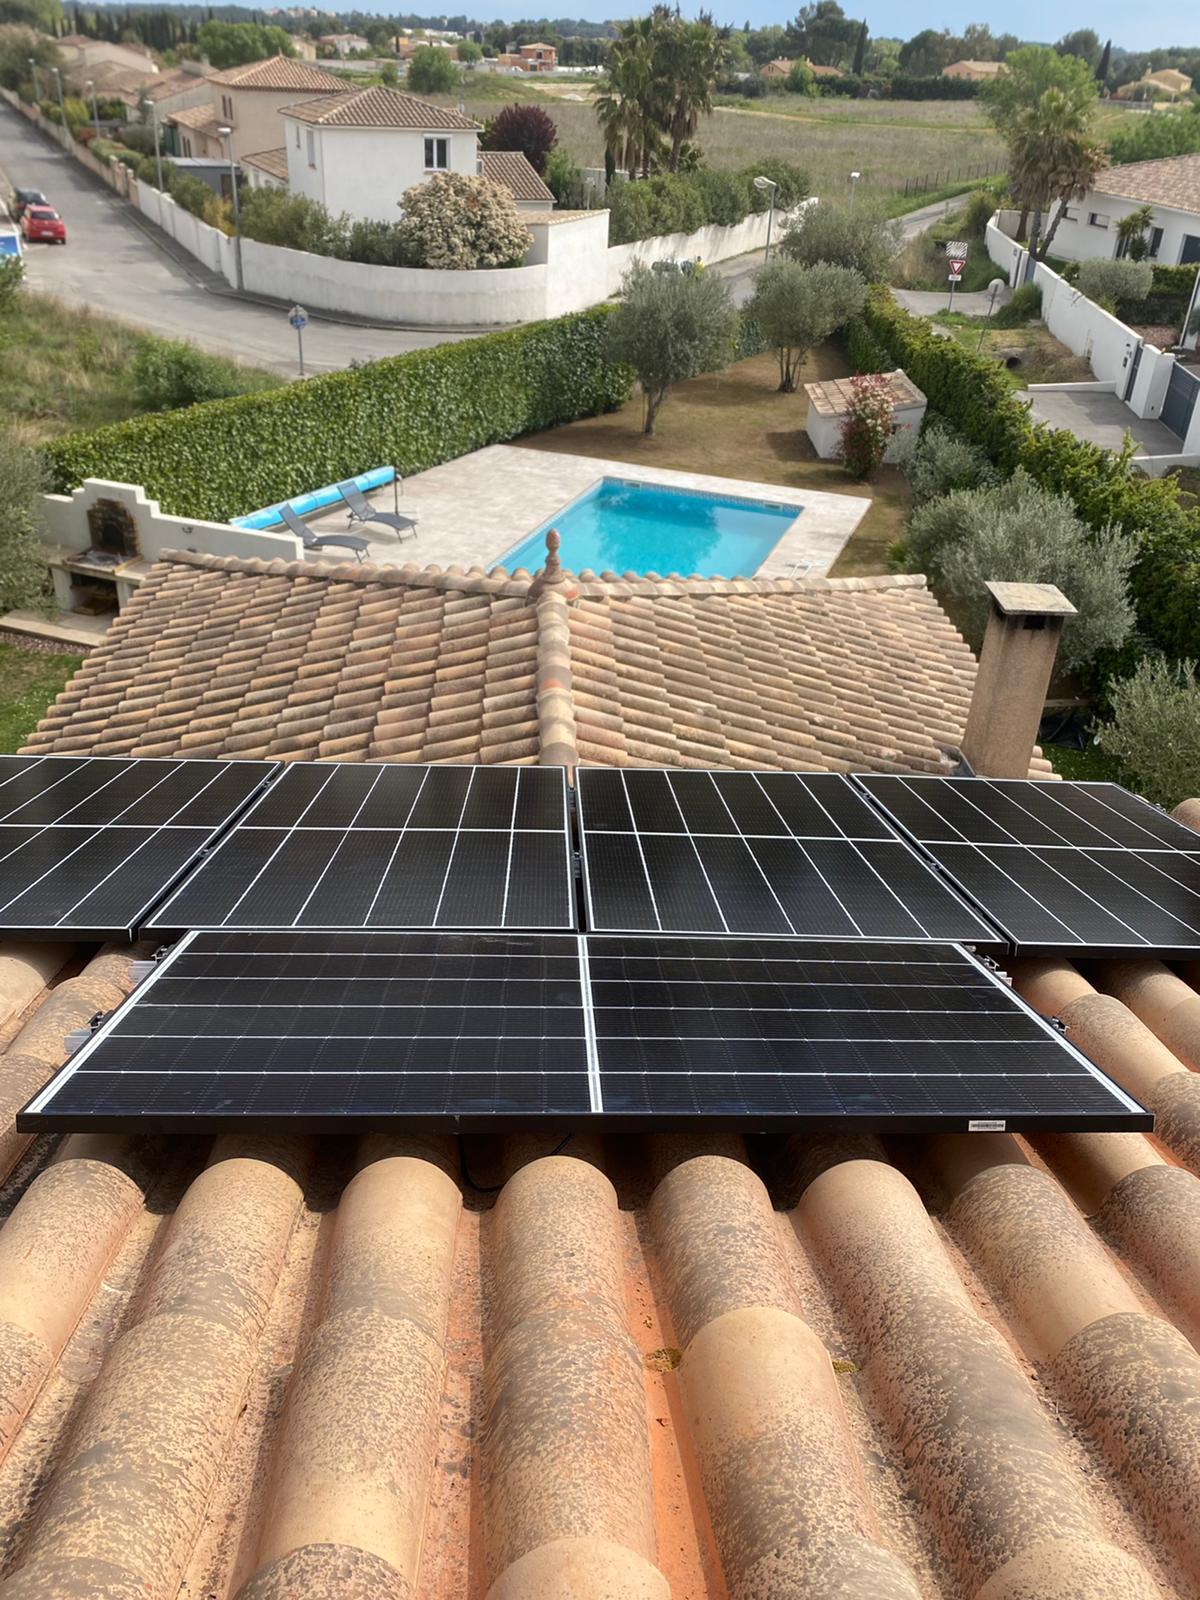 Produisez de l'eau chaude avec des panneaux solaires